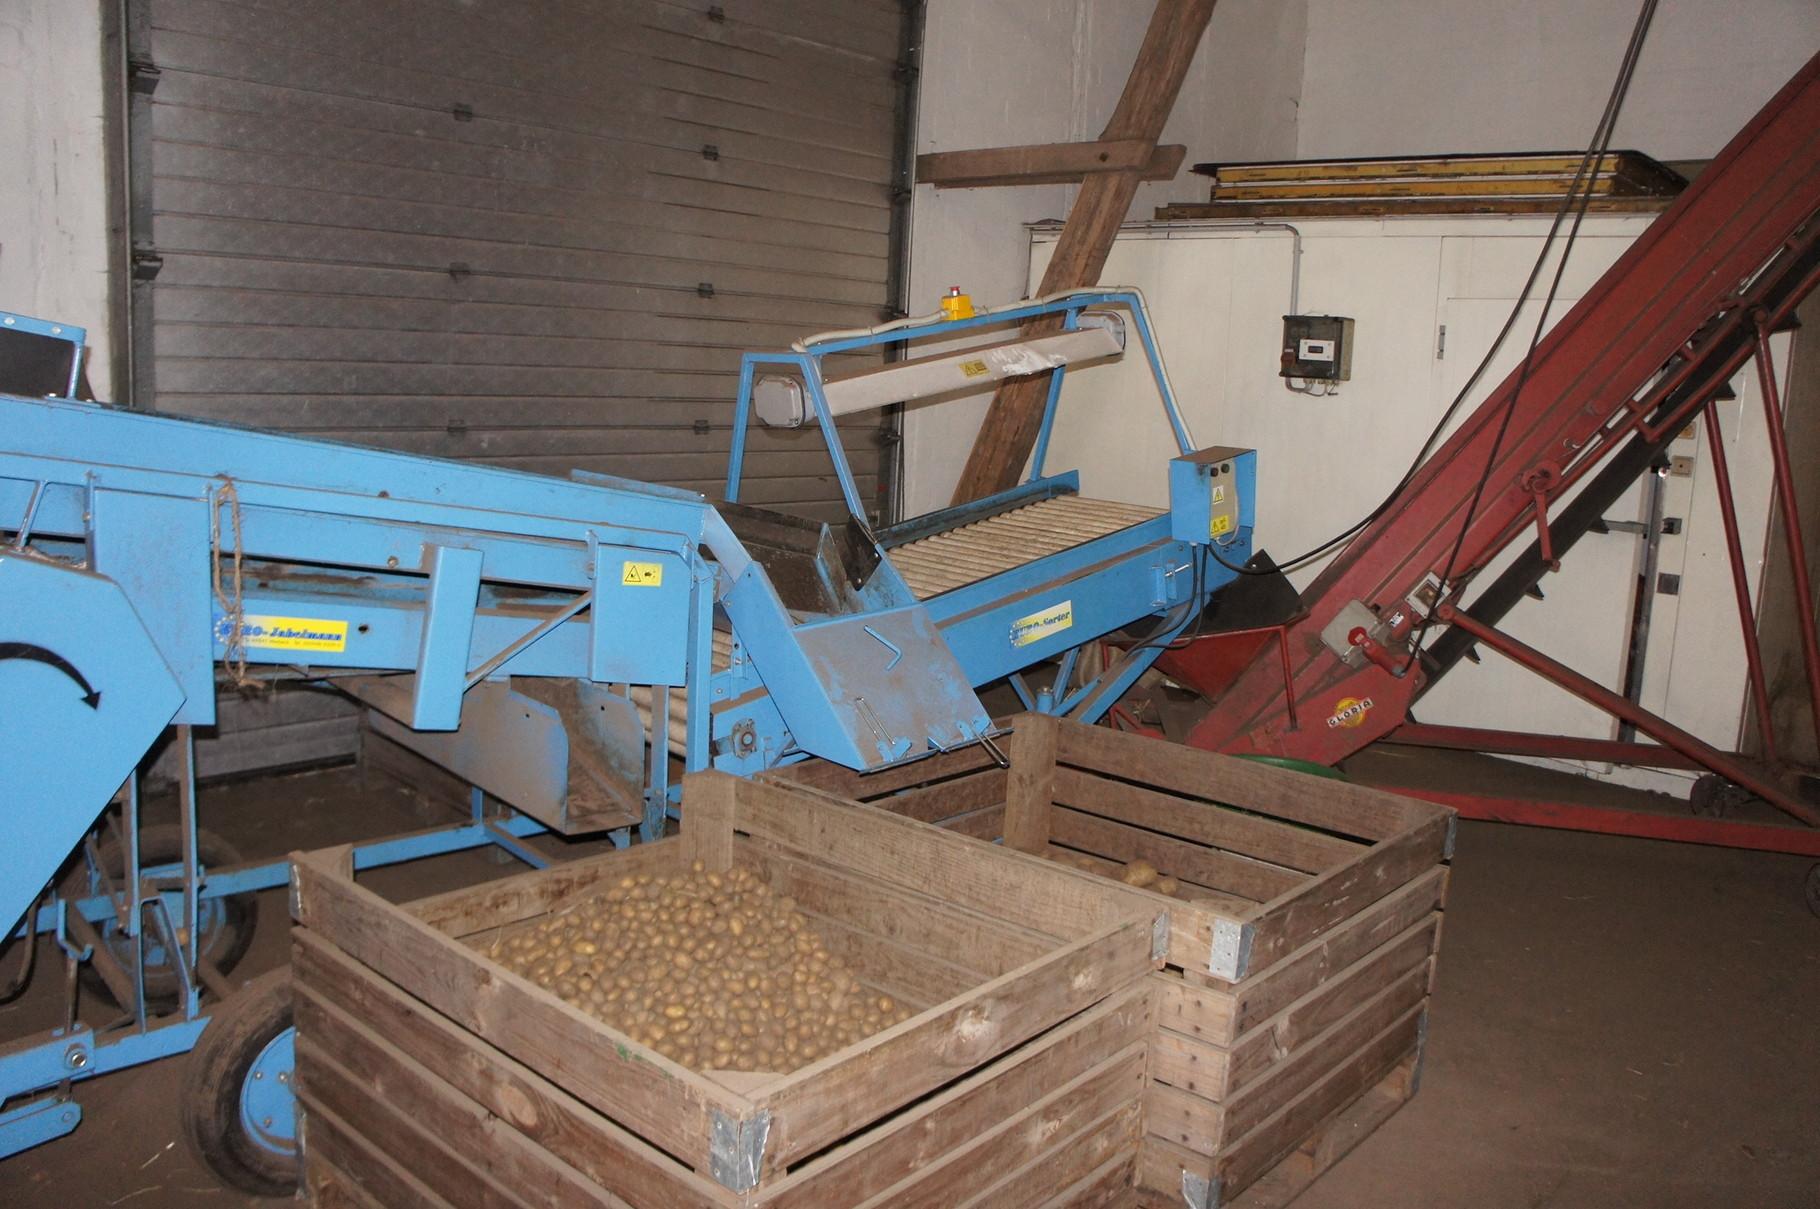 An dieser Maschine werden die Kartoffeln sortiert.